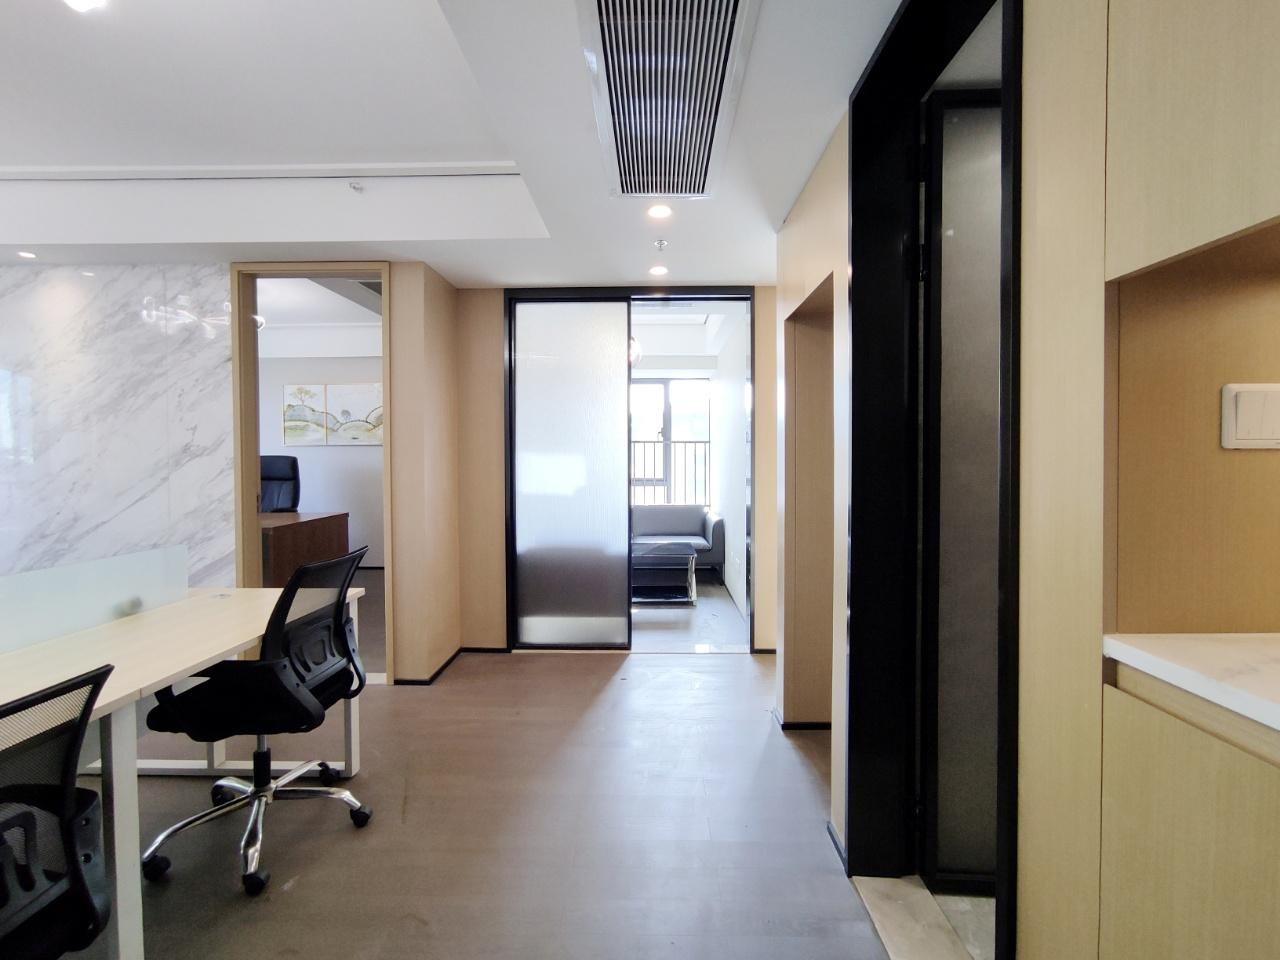 龙湖·梵城颂 83平米居家是精装办公 4隔间8 工位100%利用率